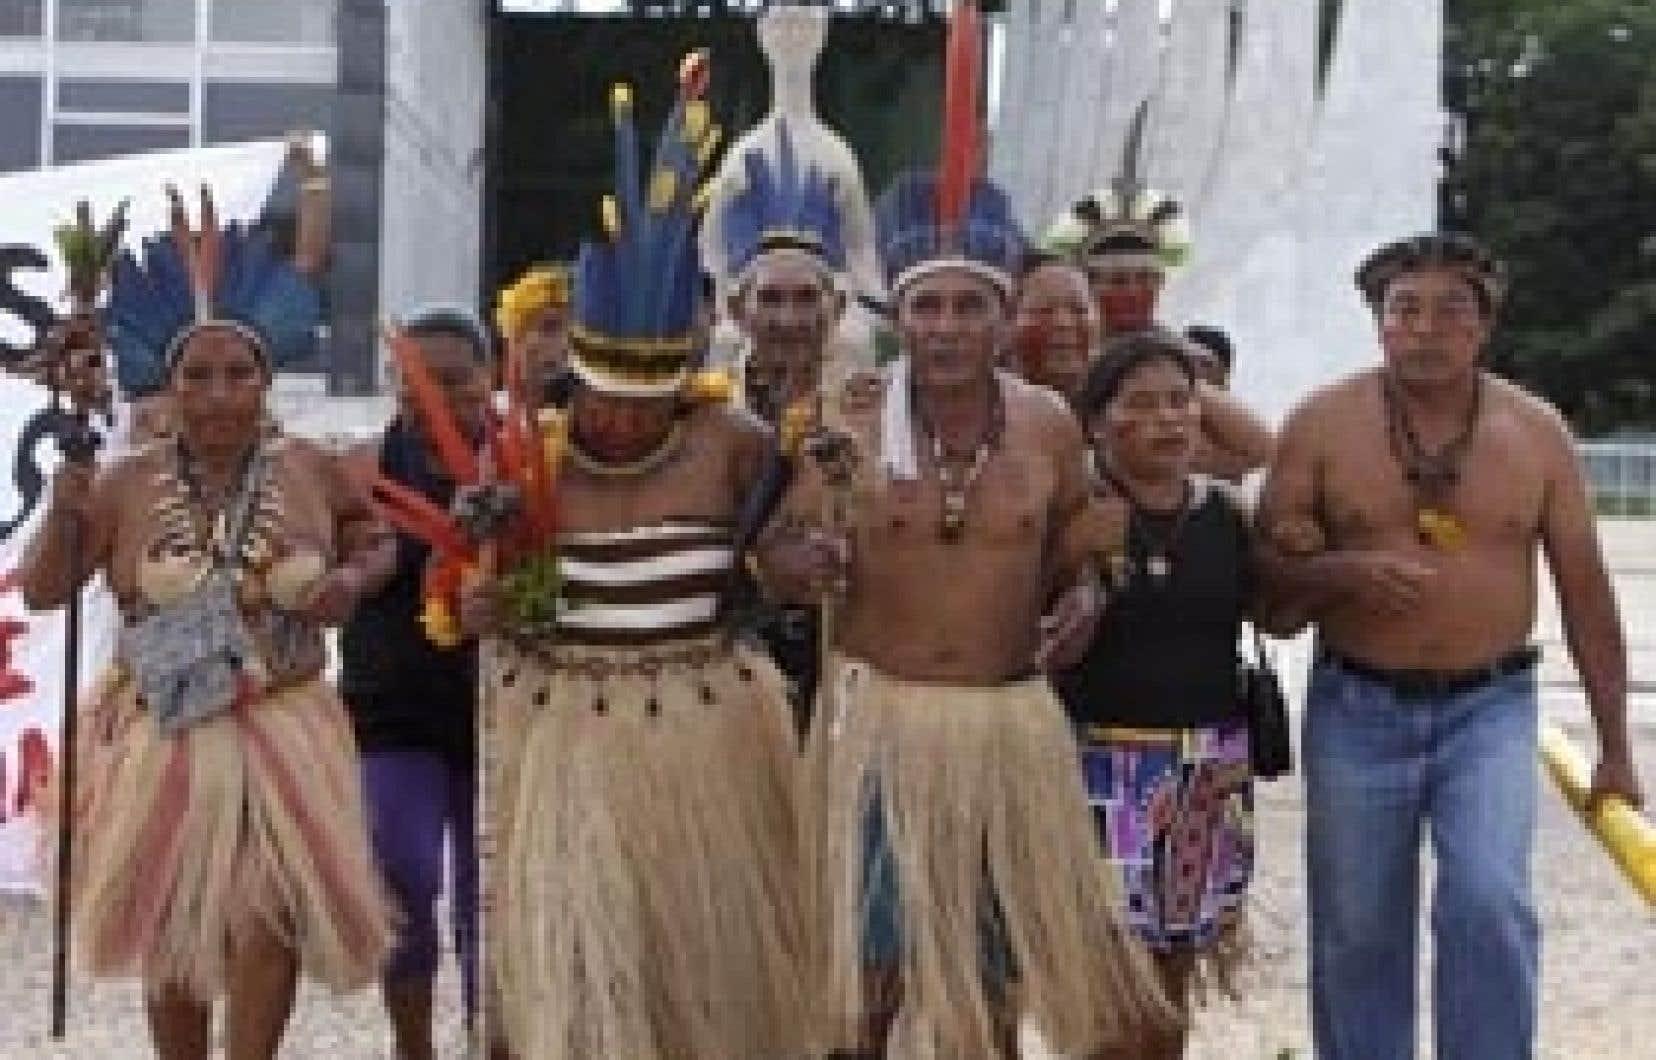 Des Indiens de la réserve Raposa Serra do Sol ont dansé hier devant l'édifice de la Cour suprême, à Brasília.